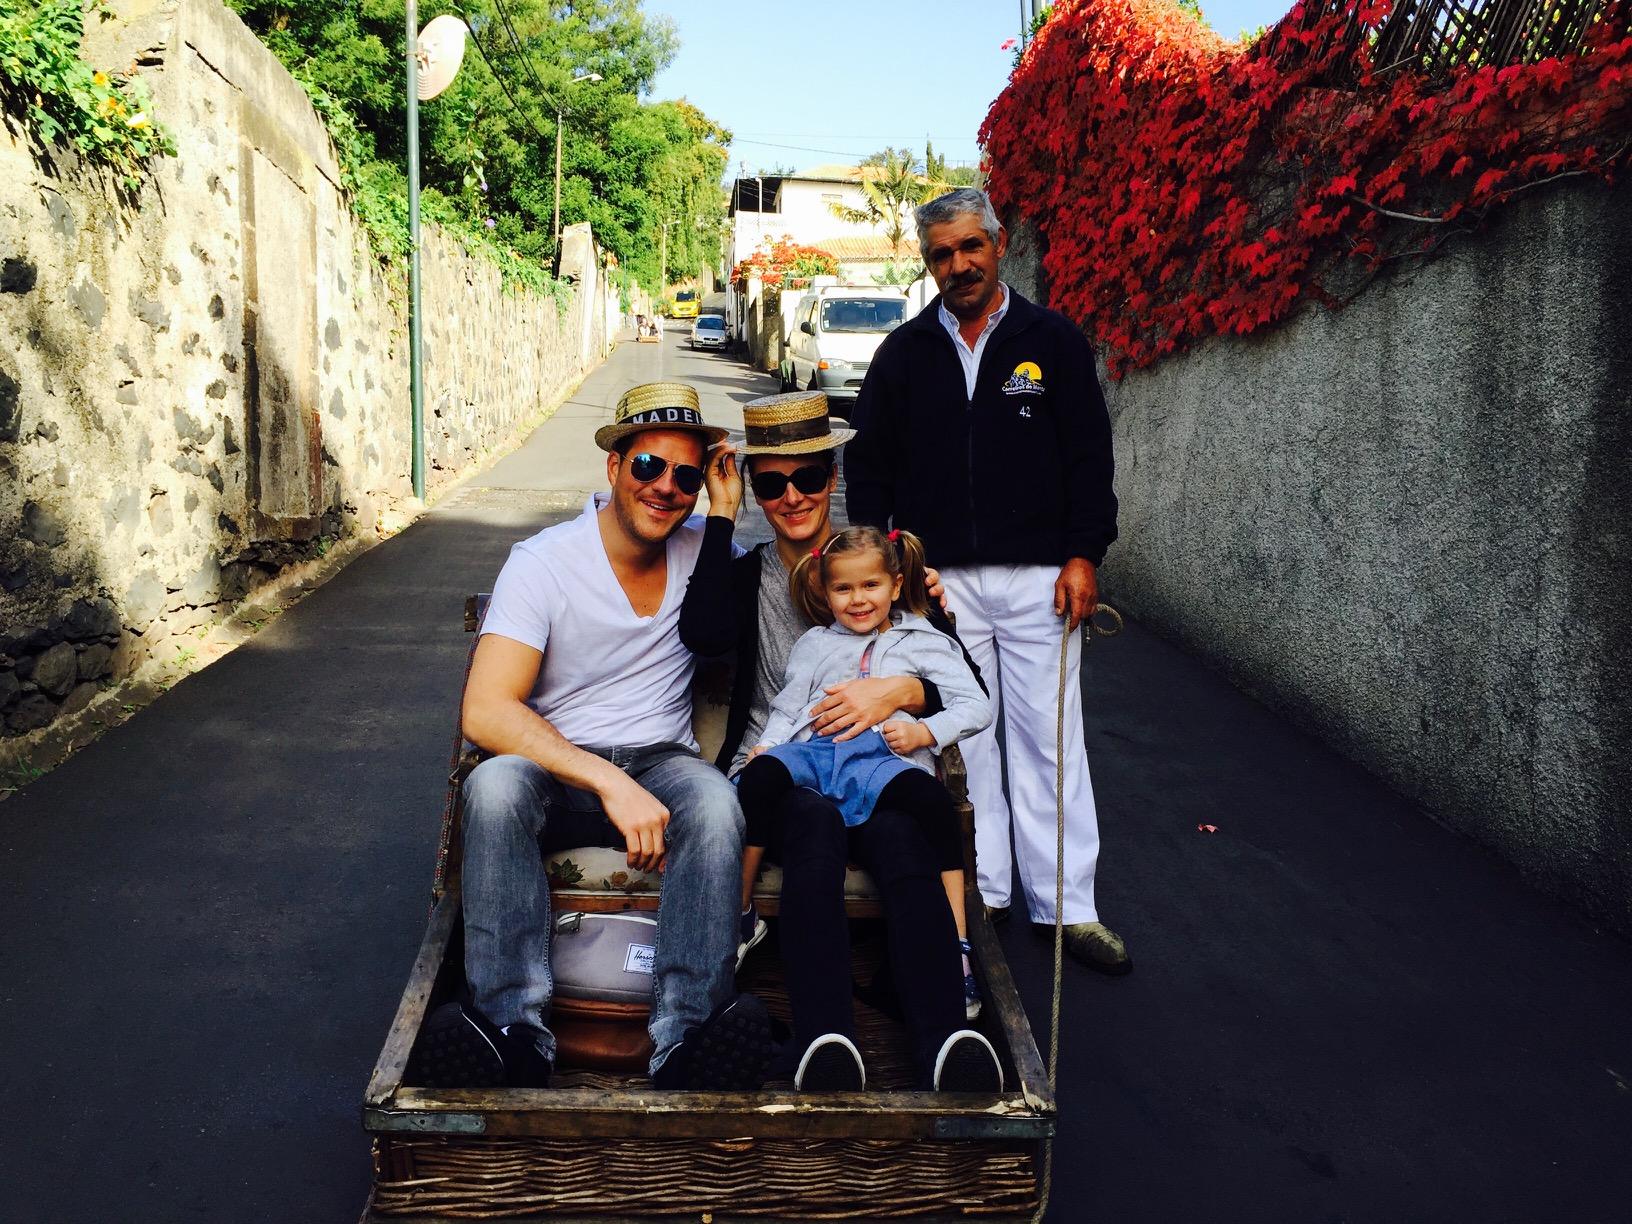 Familie im Korbschlitten in Funchal auf Madeira